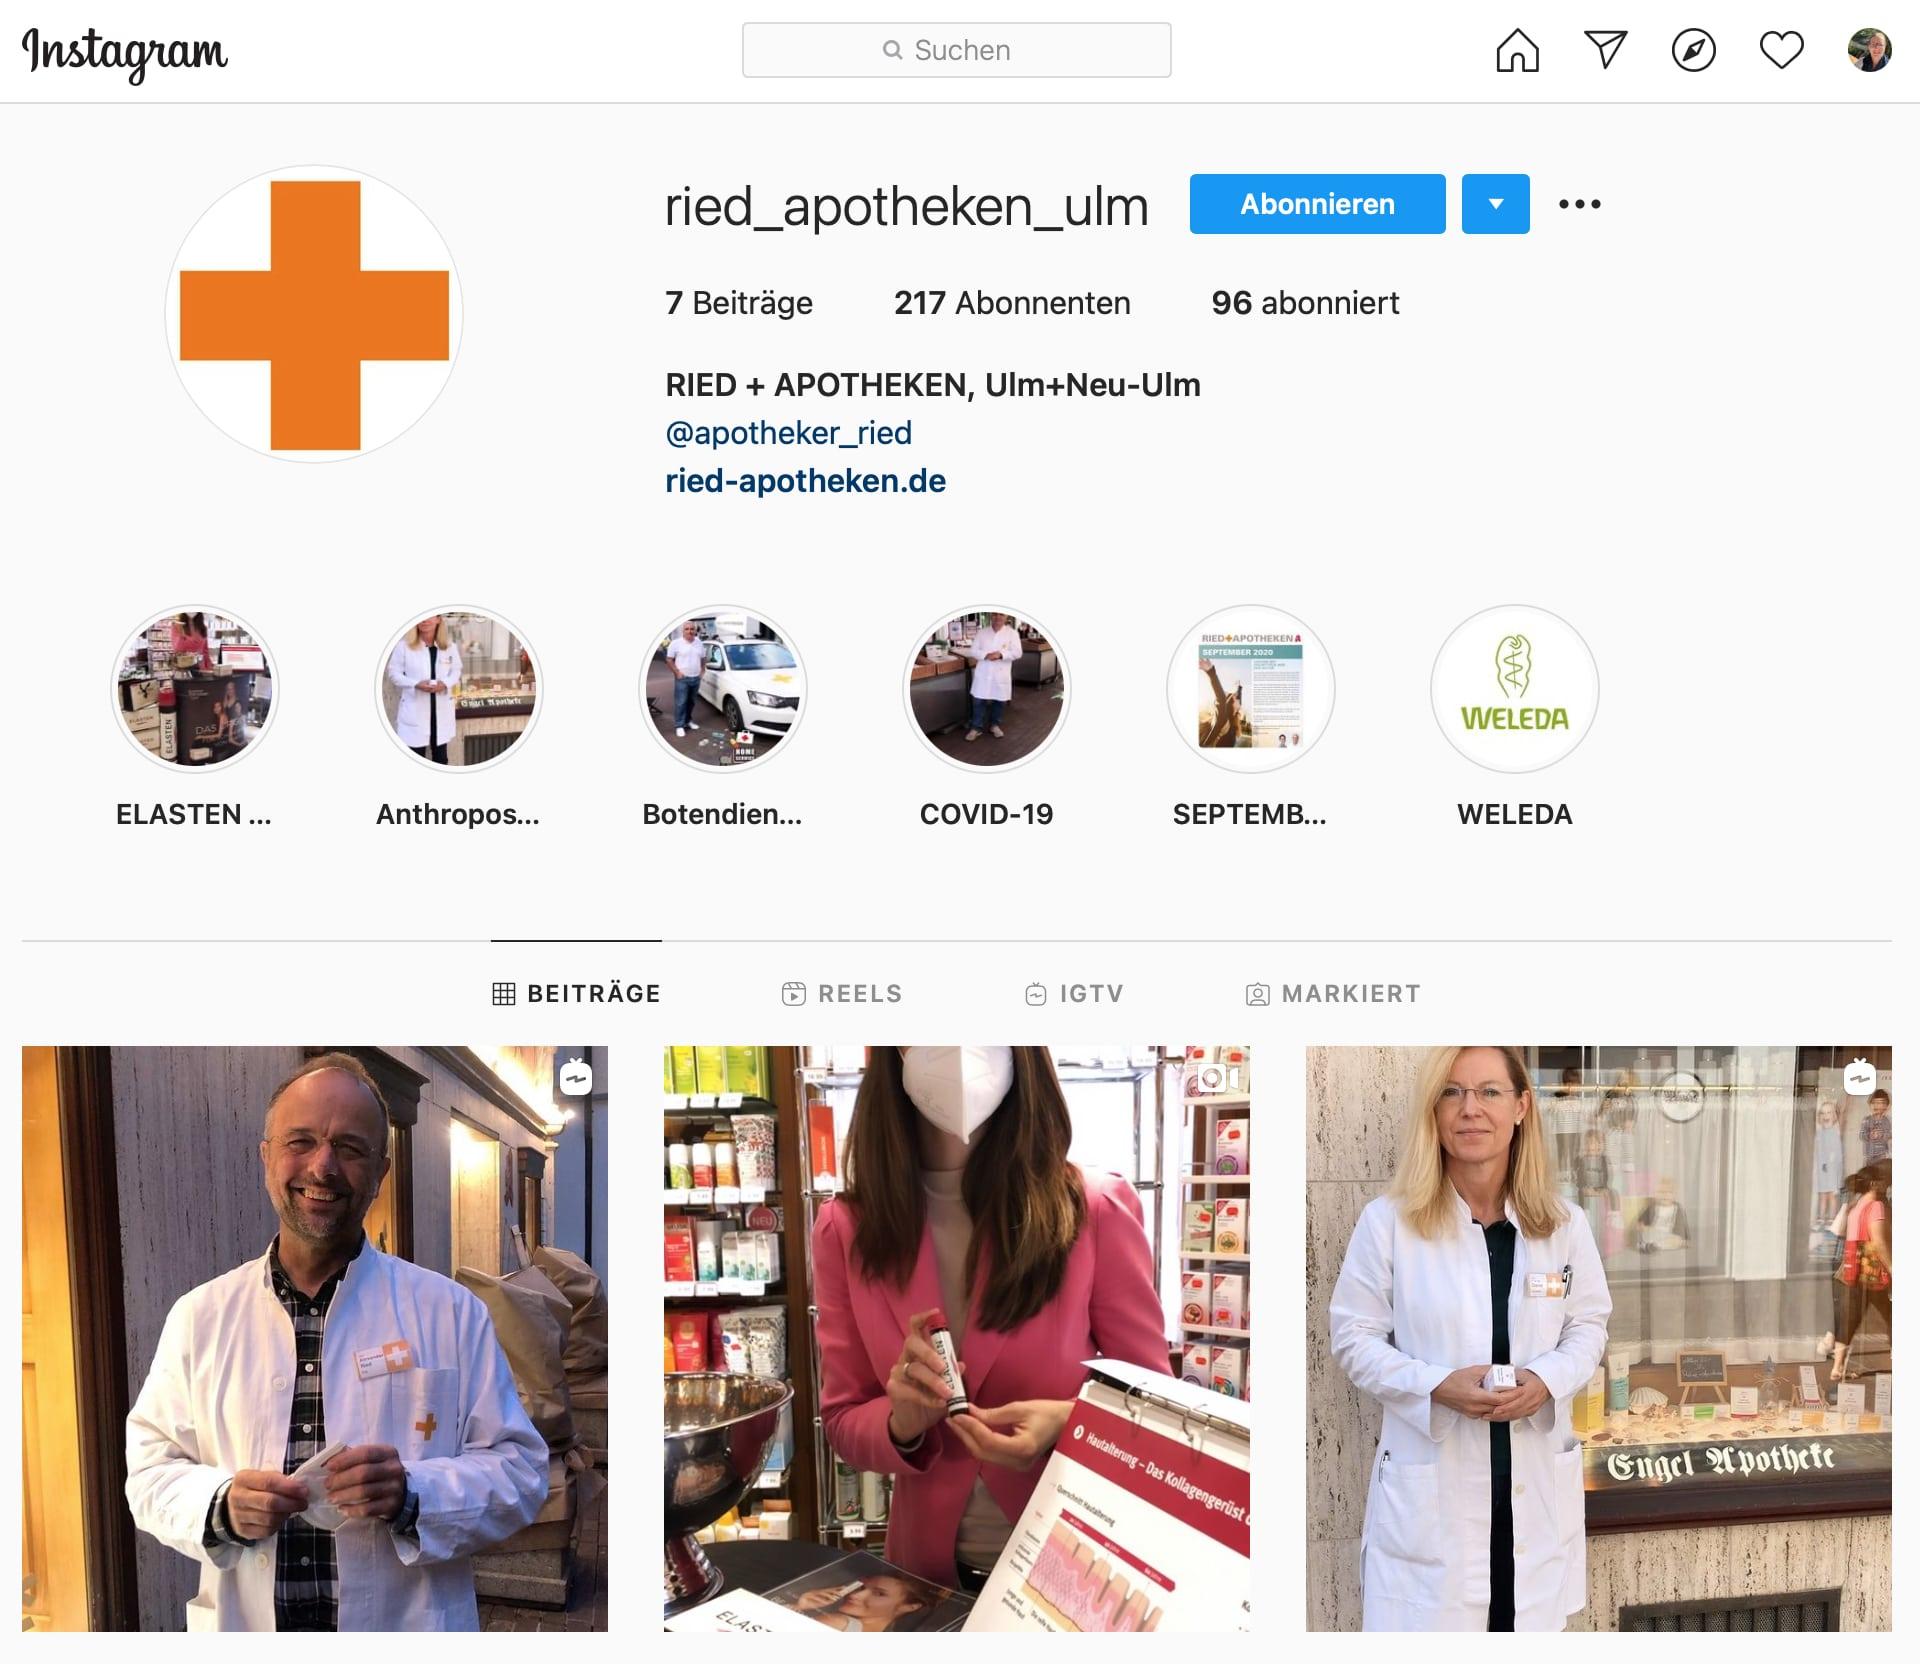 Gutes Beispiel Instagram für Apotheken